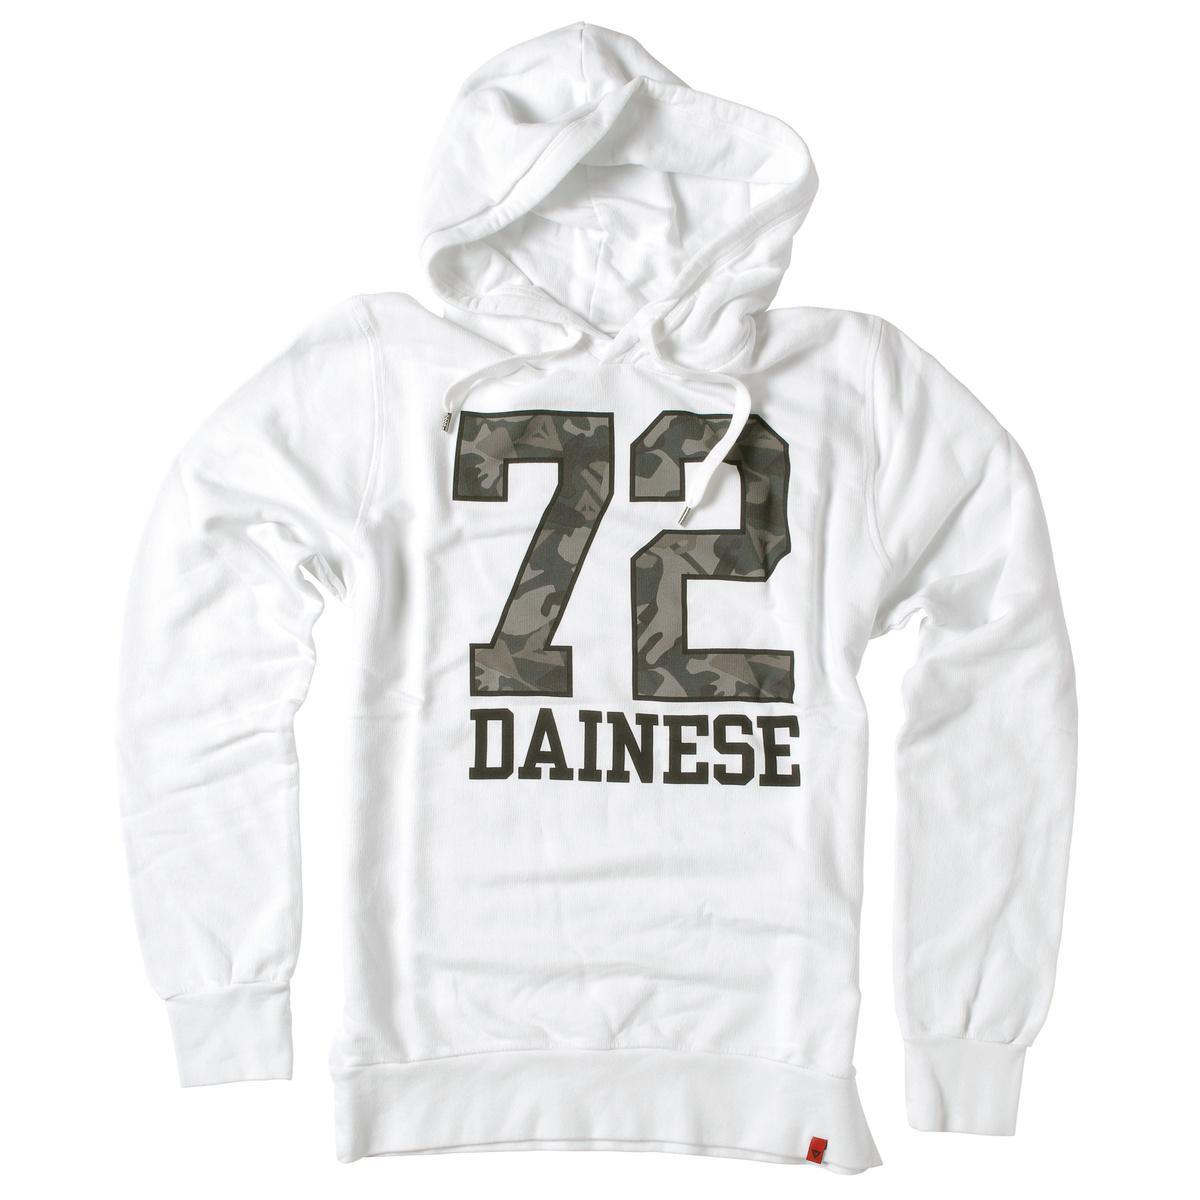 Dainese Hoodie